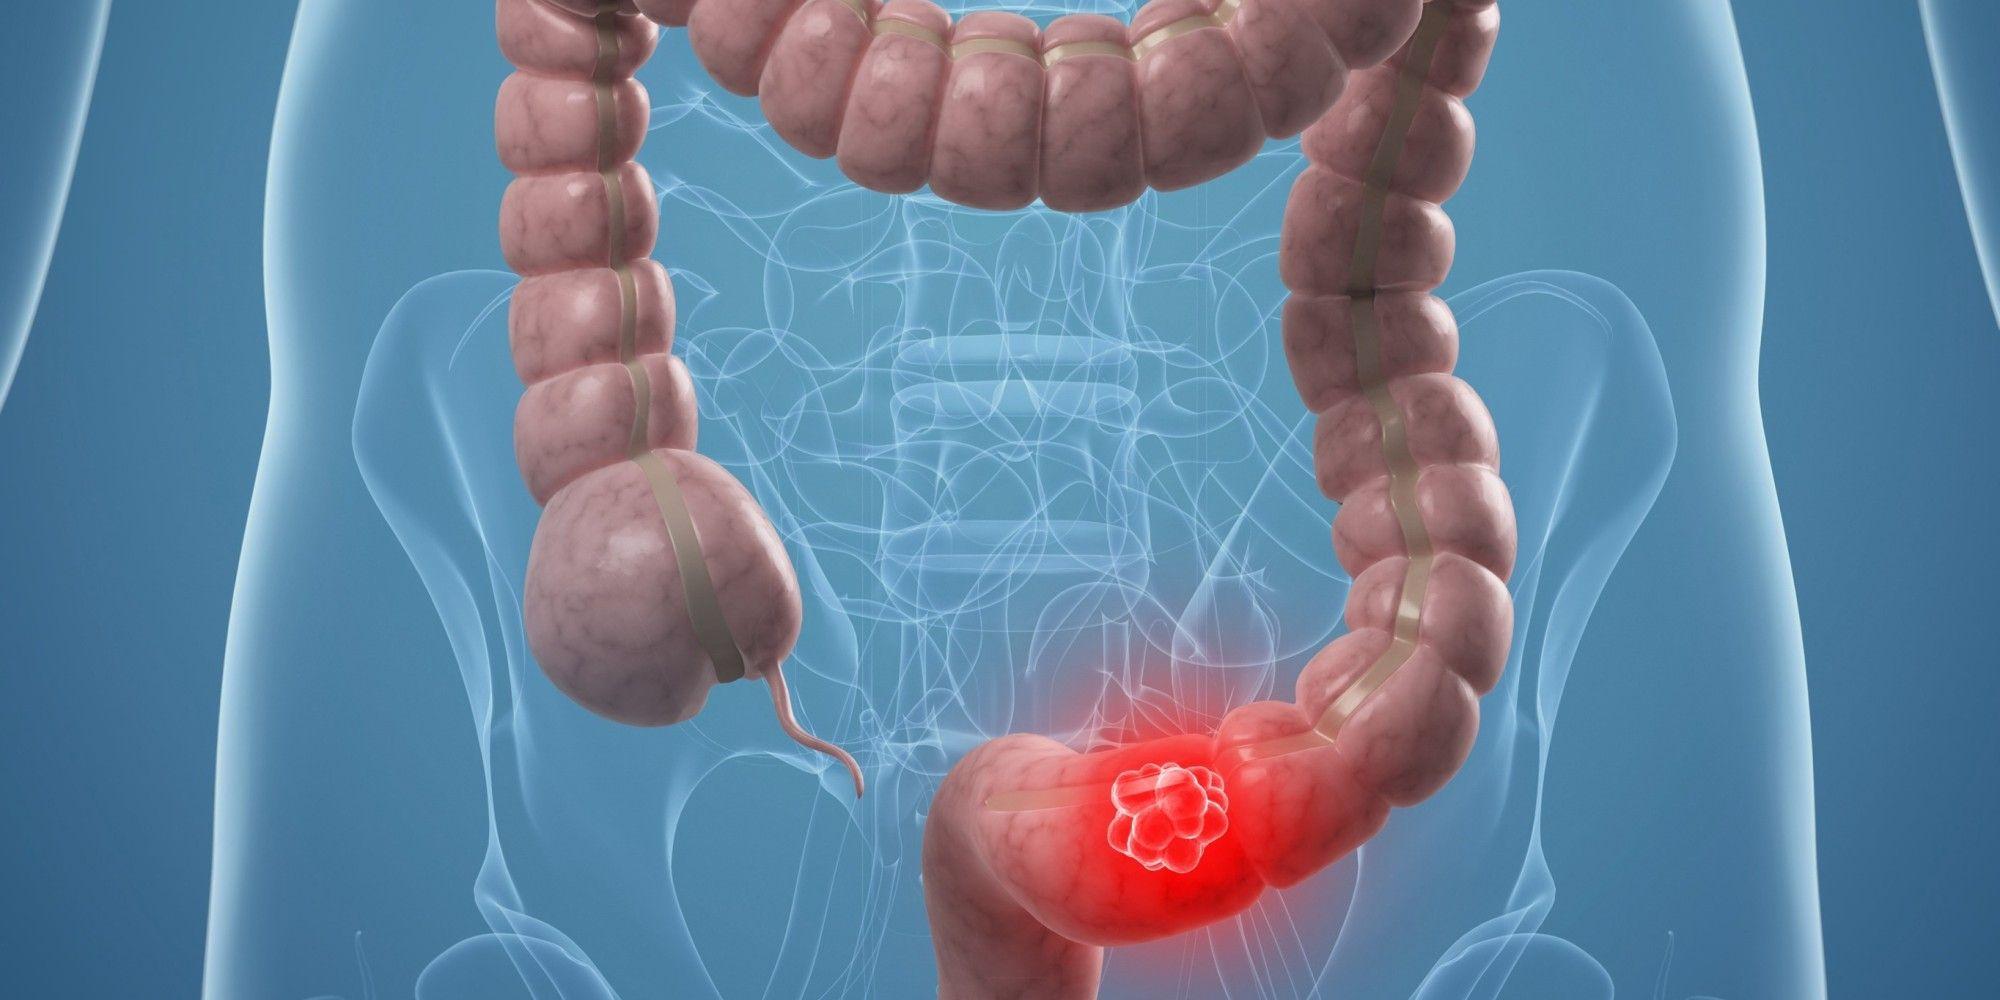 Ung thư đại tràng giai đoạn II sống được bao lâu